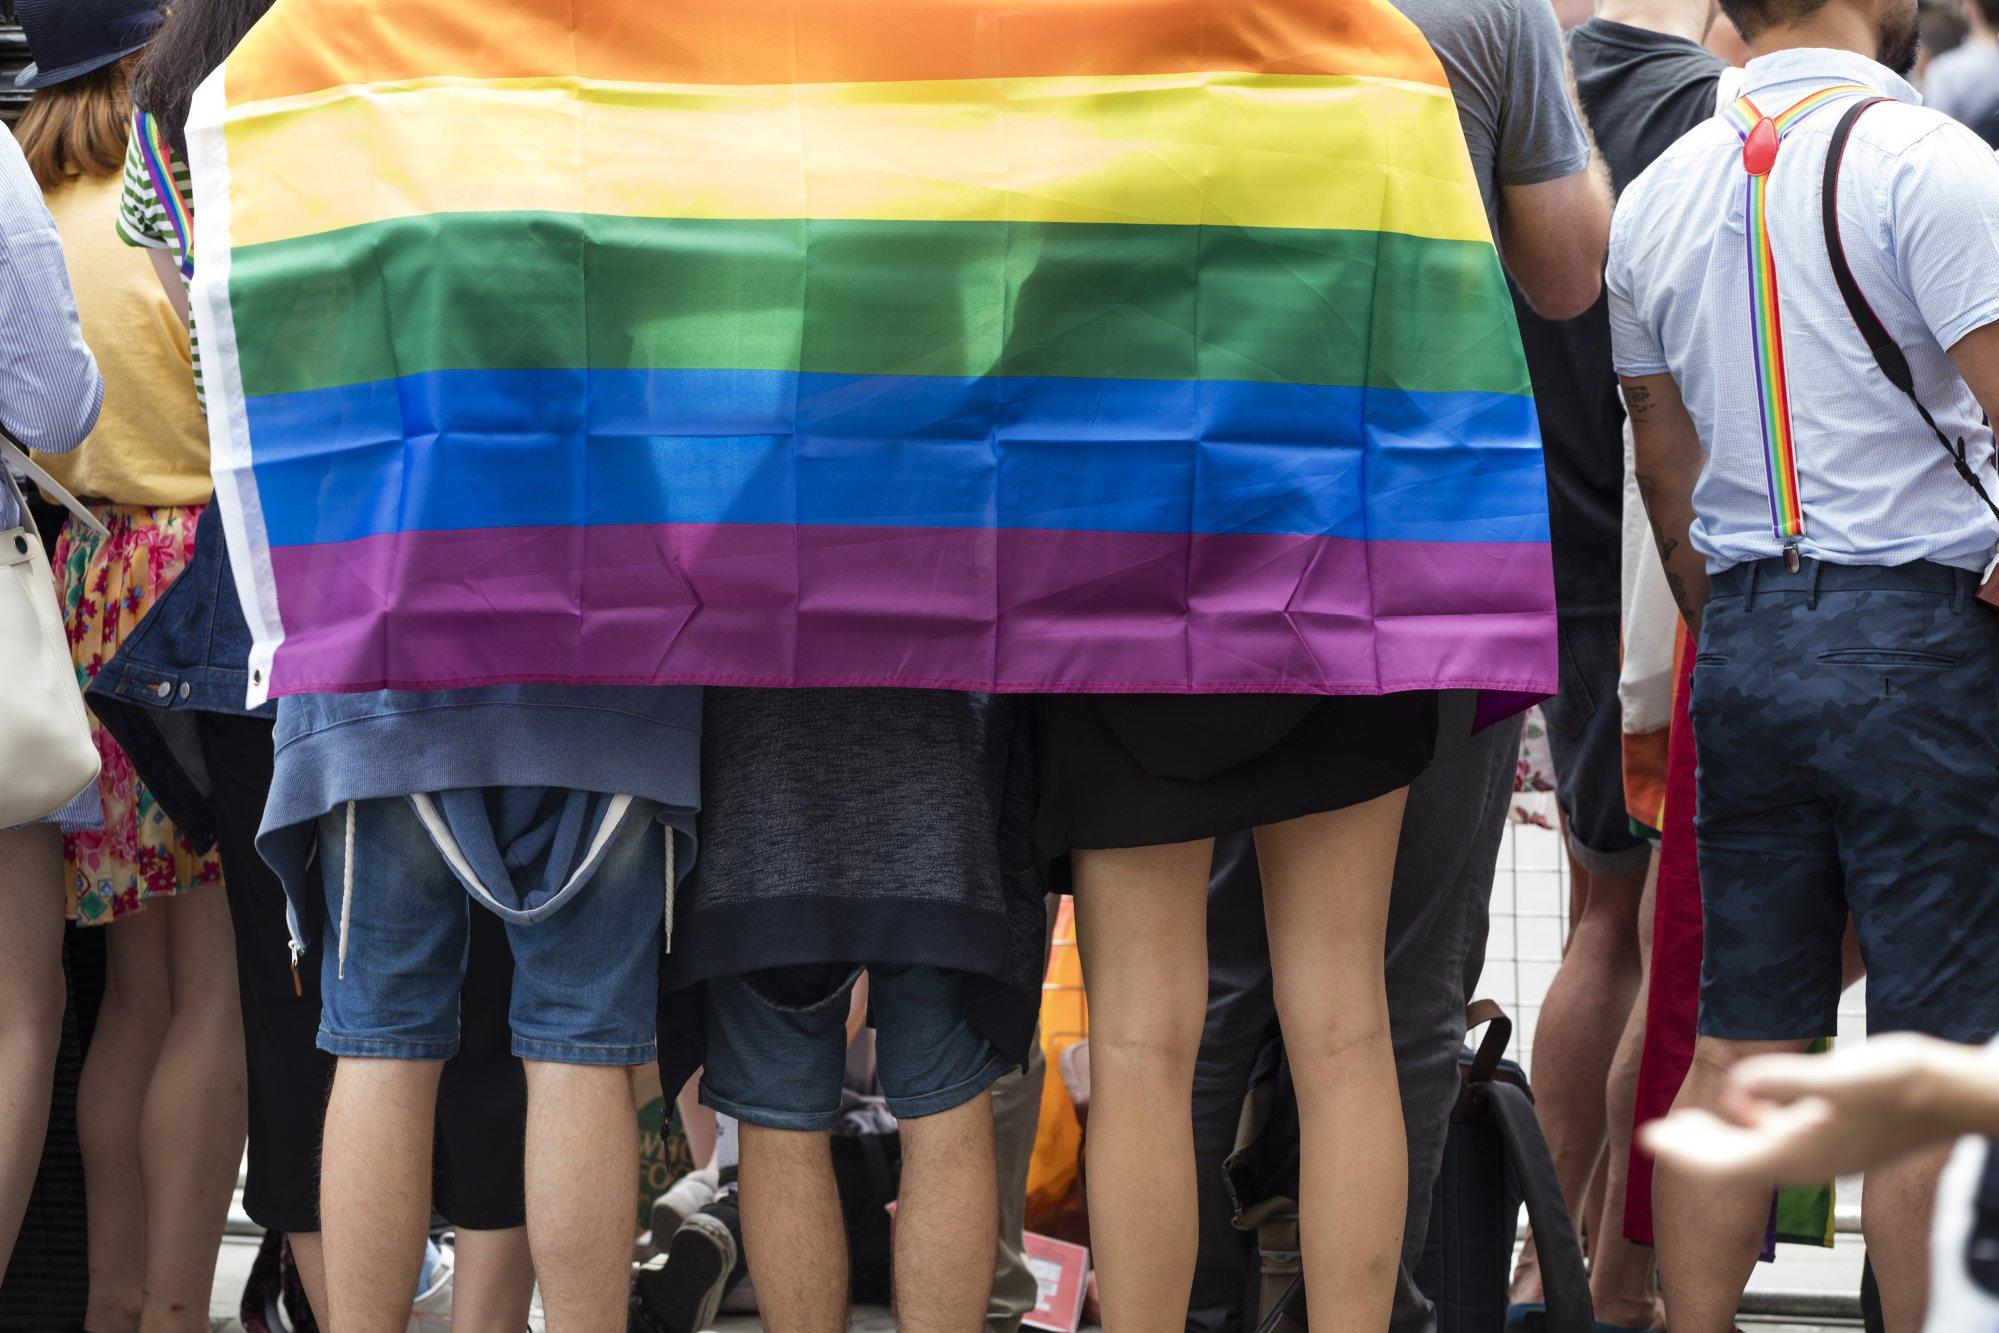 China despenalizó la homosexualidad en 1997 y fue eliminada de una lista de trastornos mentales en 2001. Pero en 2021, un tribunal confirmó un fallo de que un libro de texto que califica a la homosexualidad como un trastorno mental no es incorrecto.